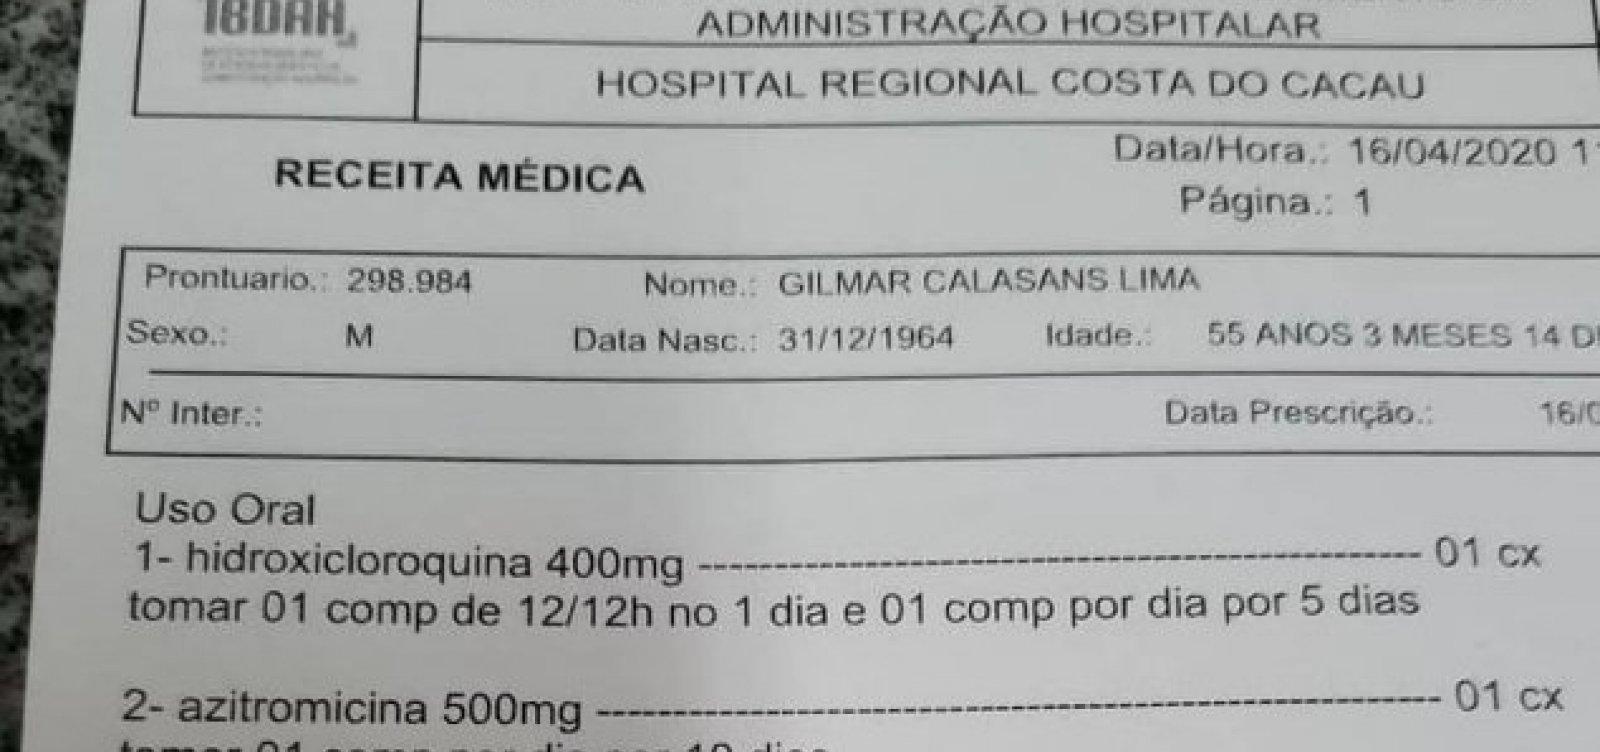 Sesab abre sindicância para apurar liberação de hidroxicloroquina a médico que morreu com Covid-19